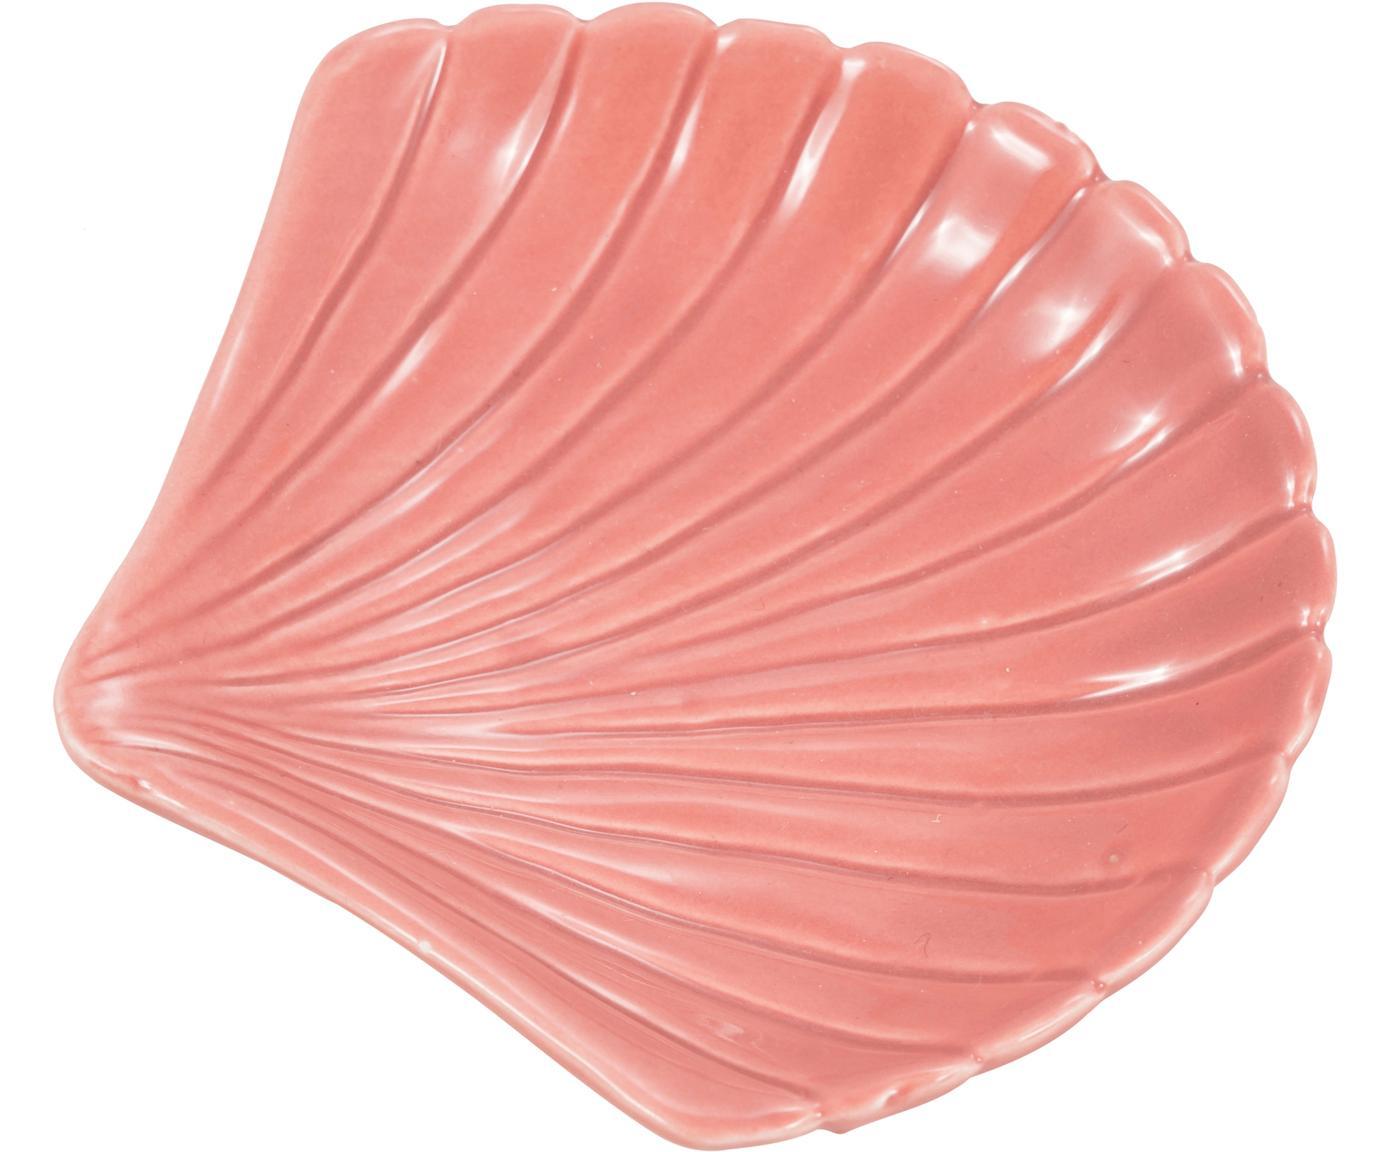 Seifenschale Muschel, Steingut, Rosa, 13 x 2 cm